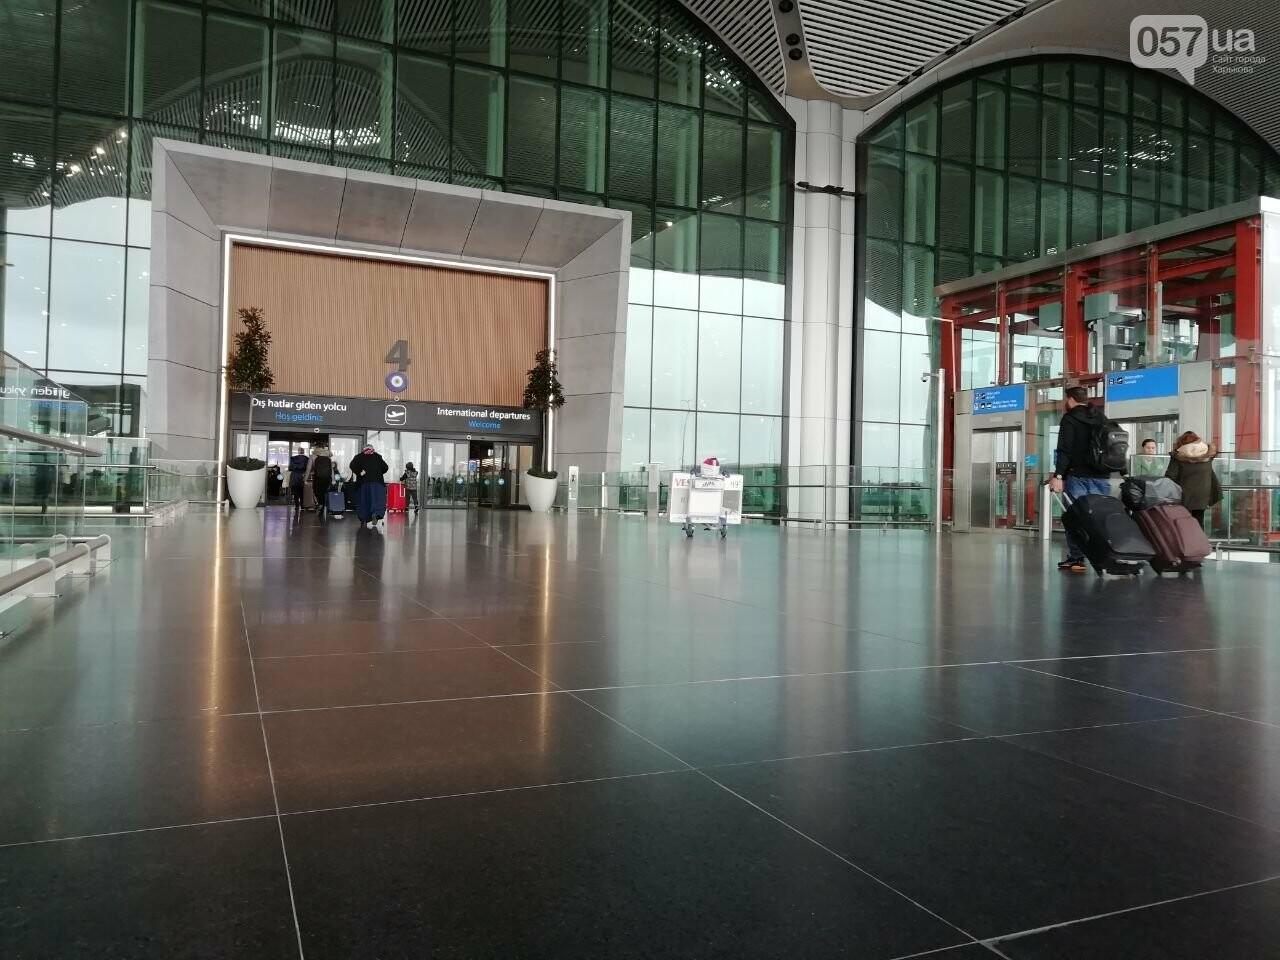 Из Харькова в Стамбул. Как добраться, что попробовать и на что посмотреть в турецком городе, - ФОТО, фото-6